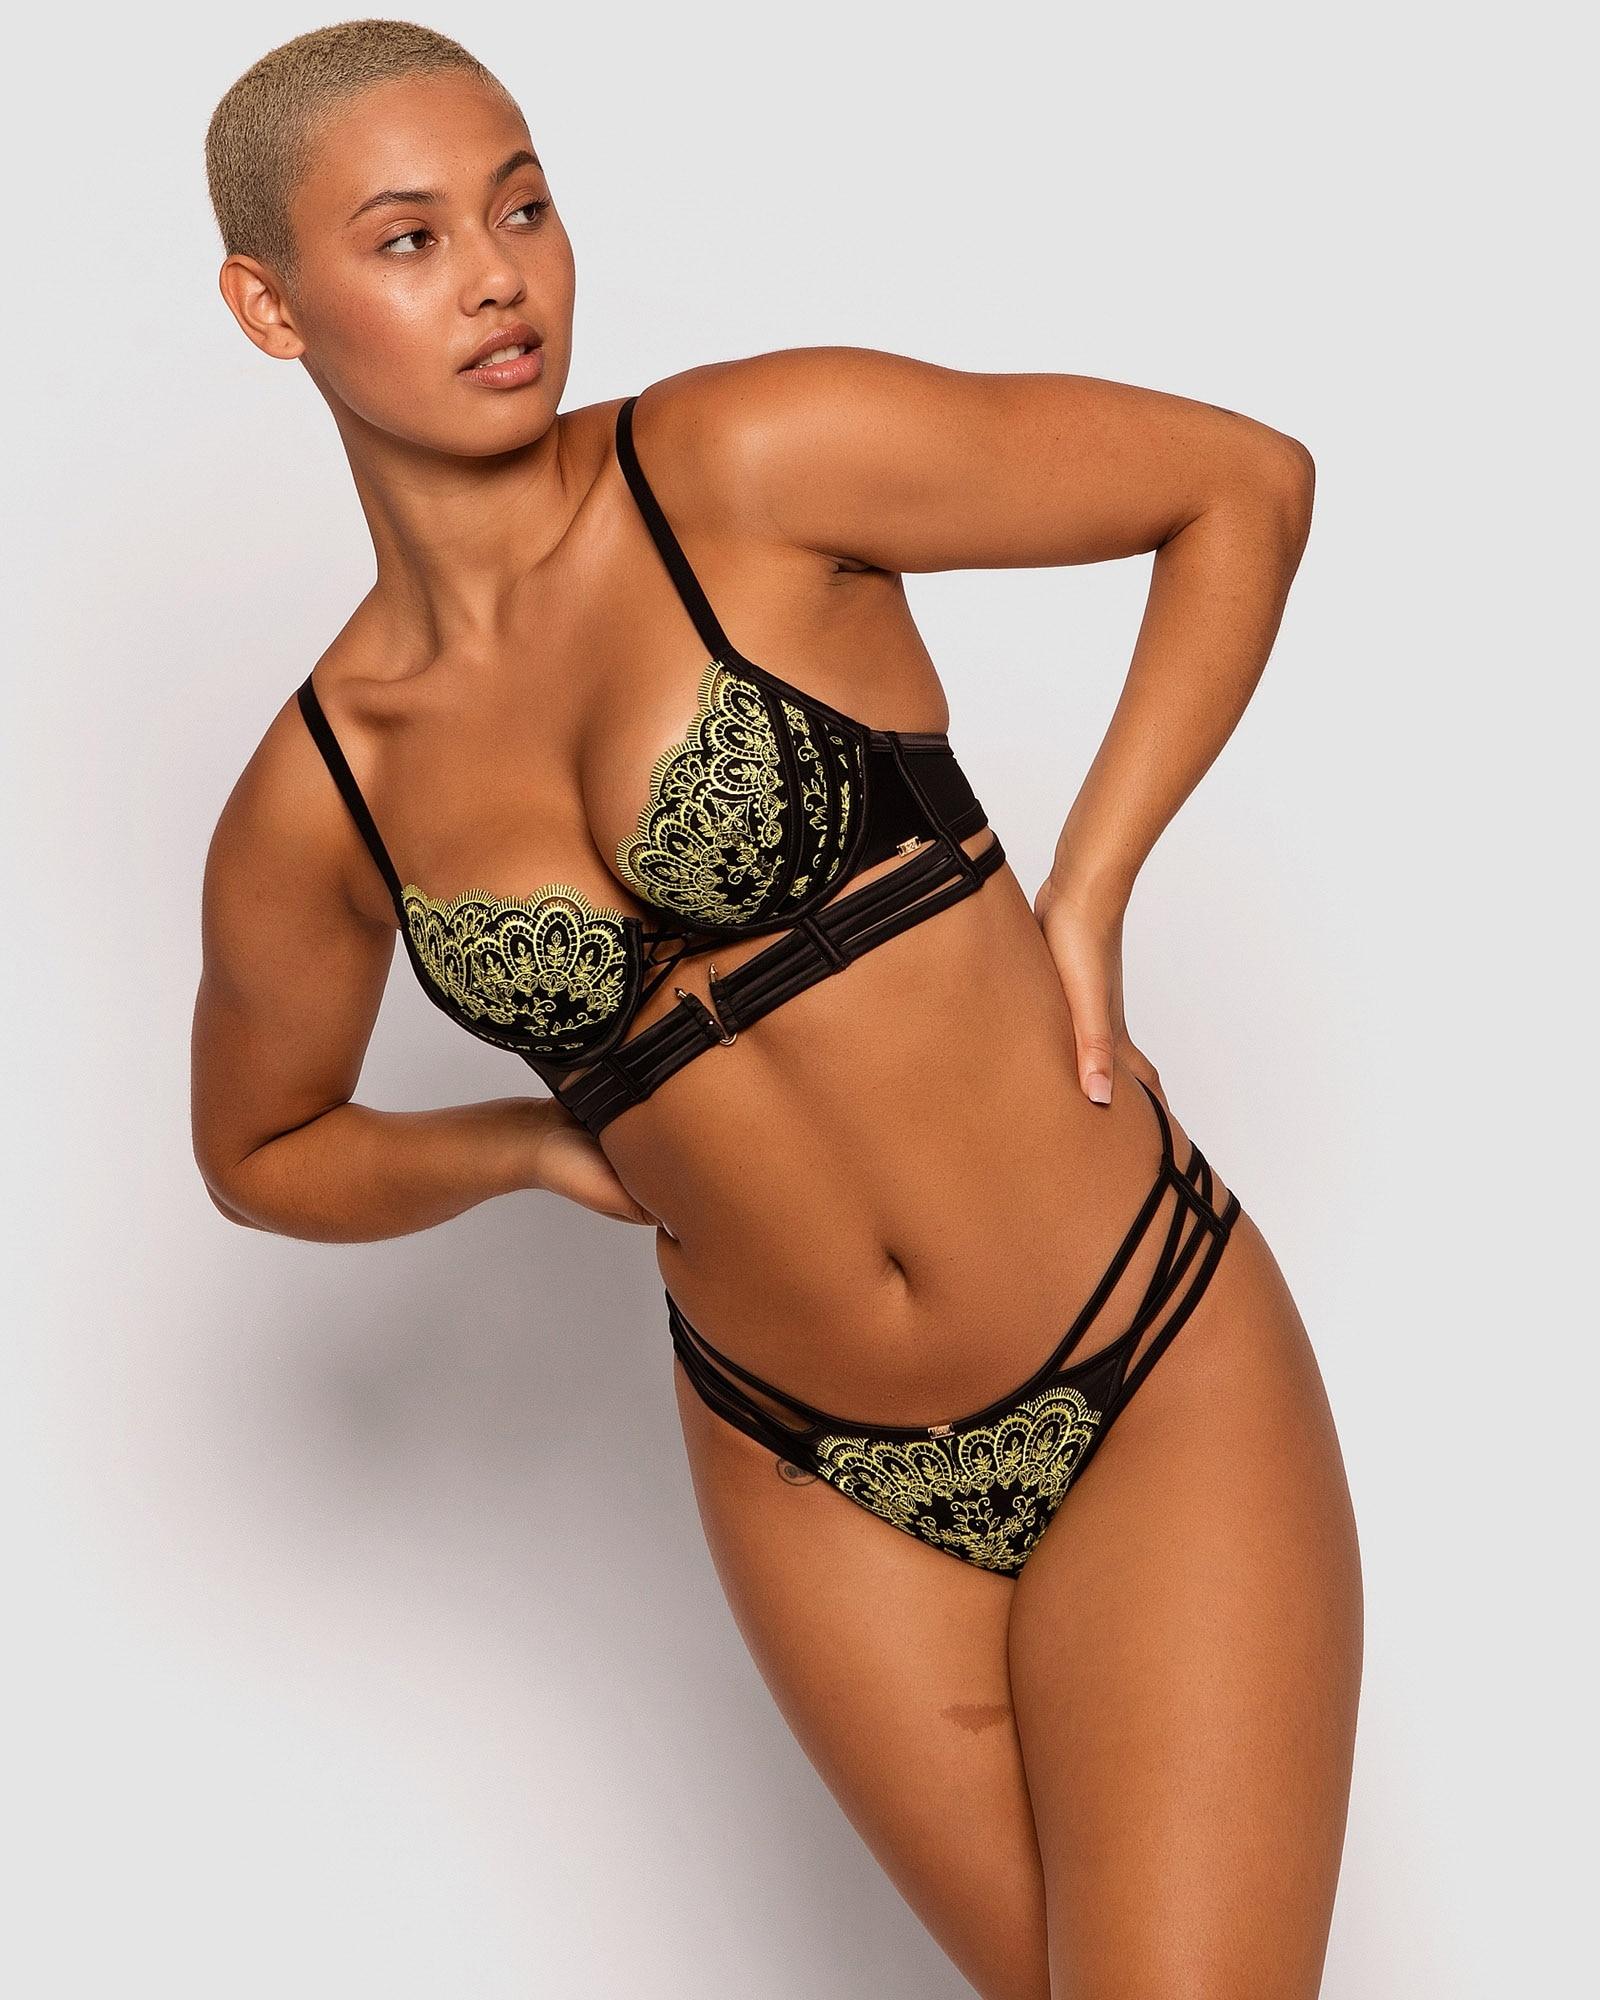 Vamp Night Fever Brazilian Knicker - Black/Lime Green